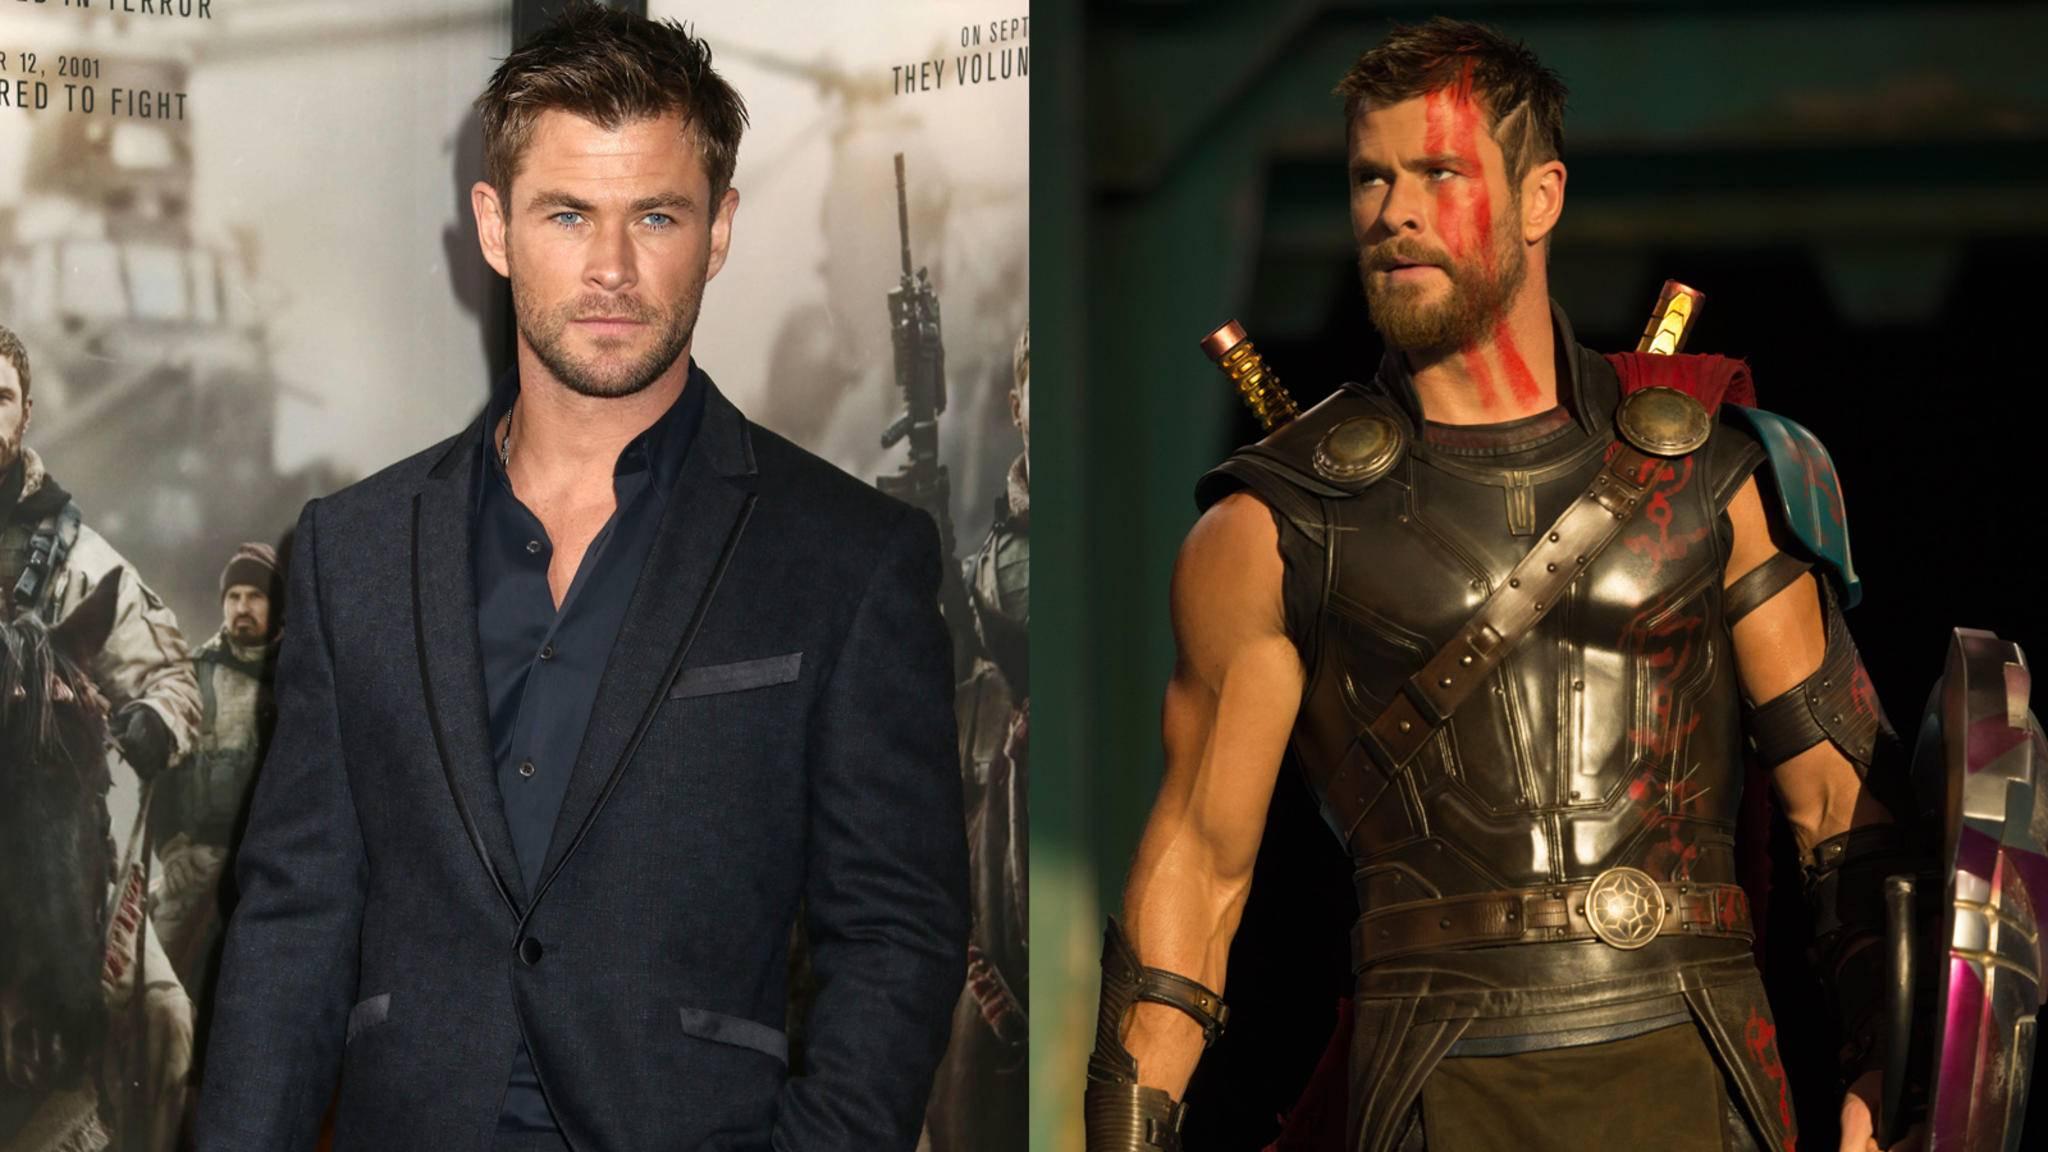 Zumindest macht Chris Hemsworth in beiden Outfits eine gute Figur ...